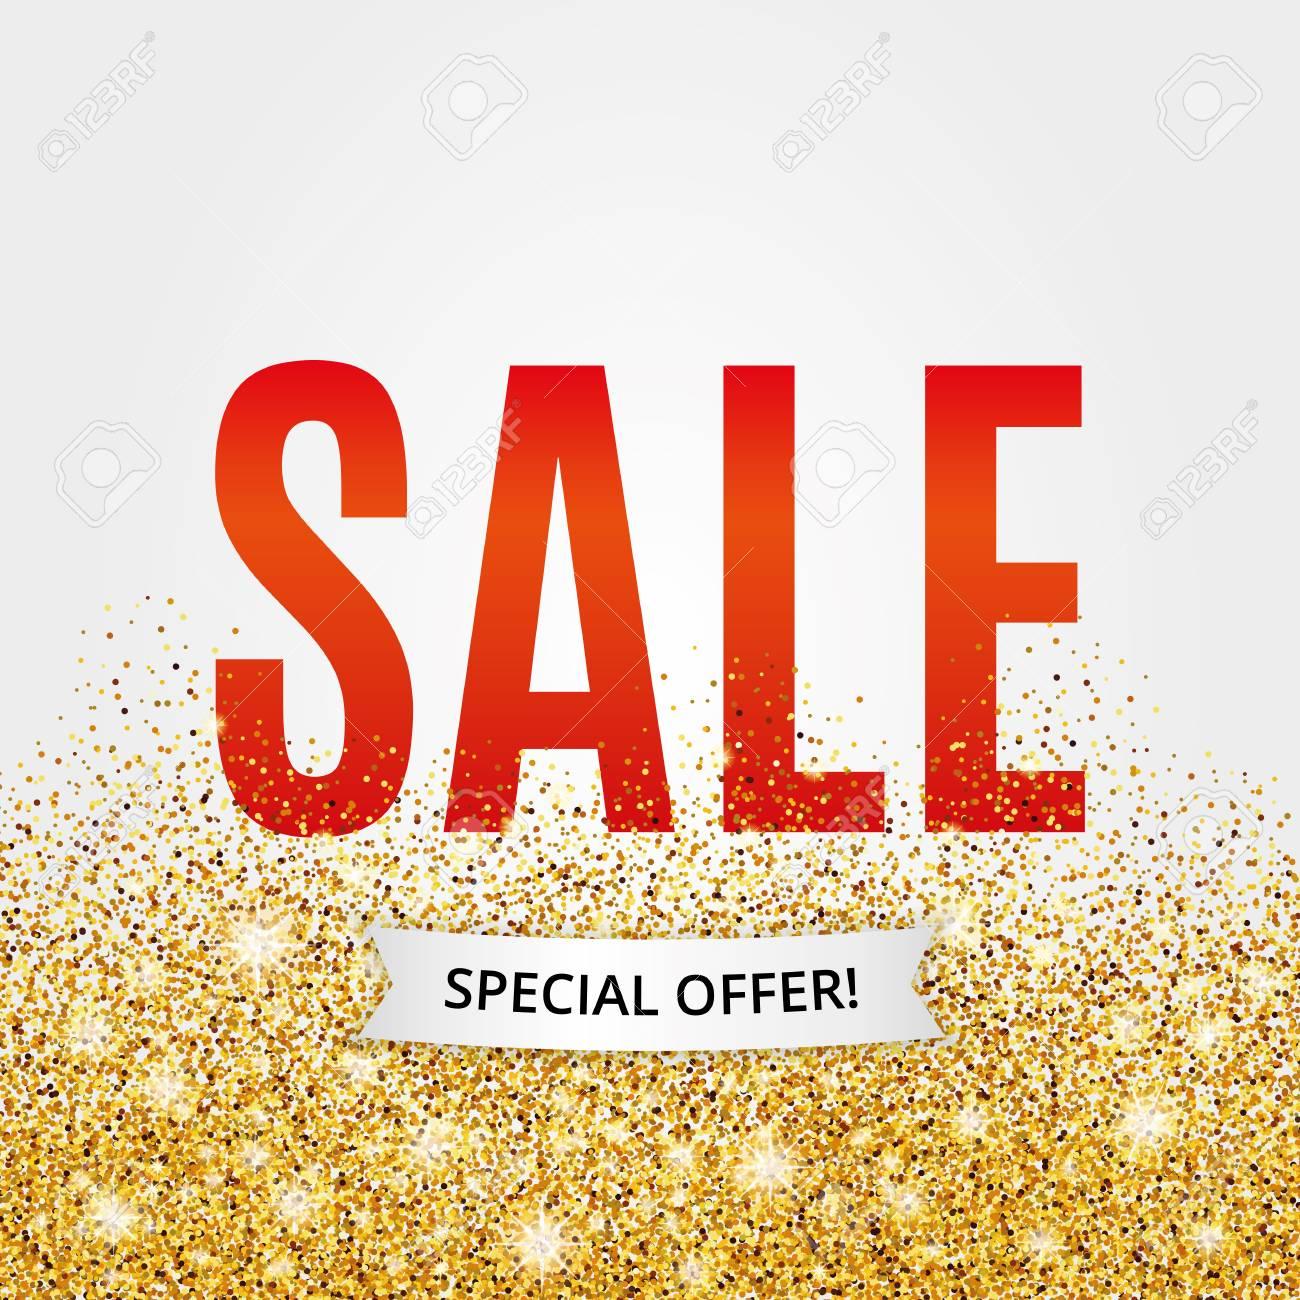 Gold Verkauf Roten Hintergrund Für Poster Einkaufen Zeichen Für Den